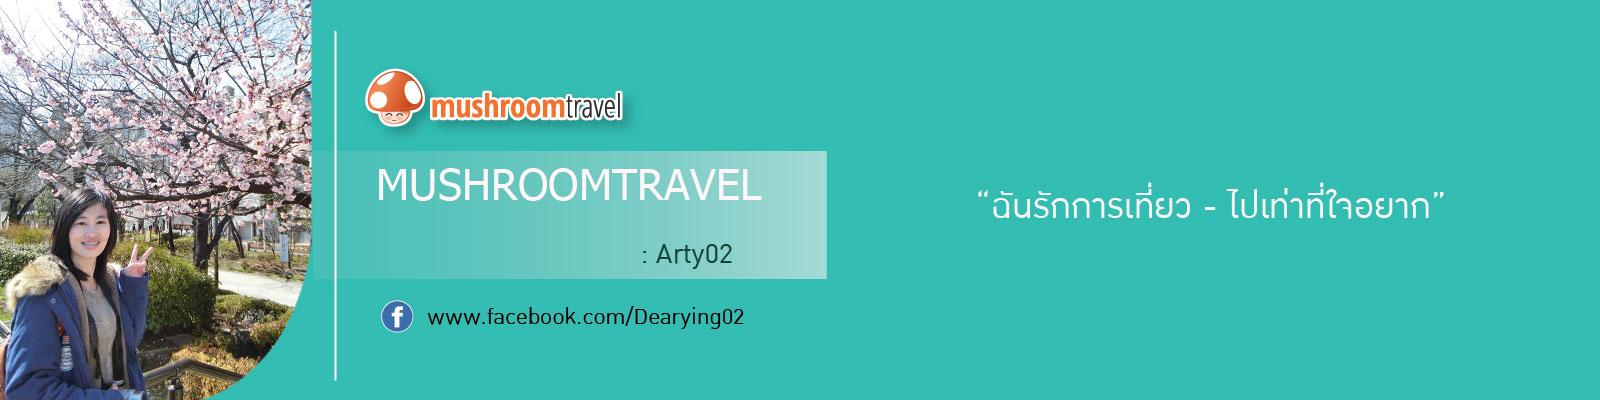 arty02